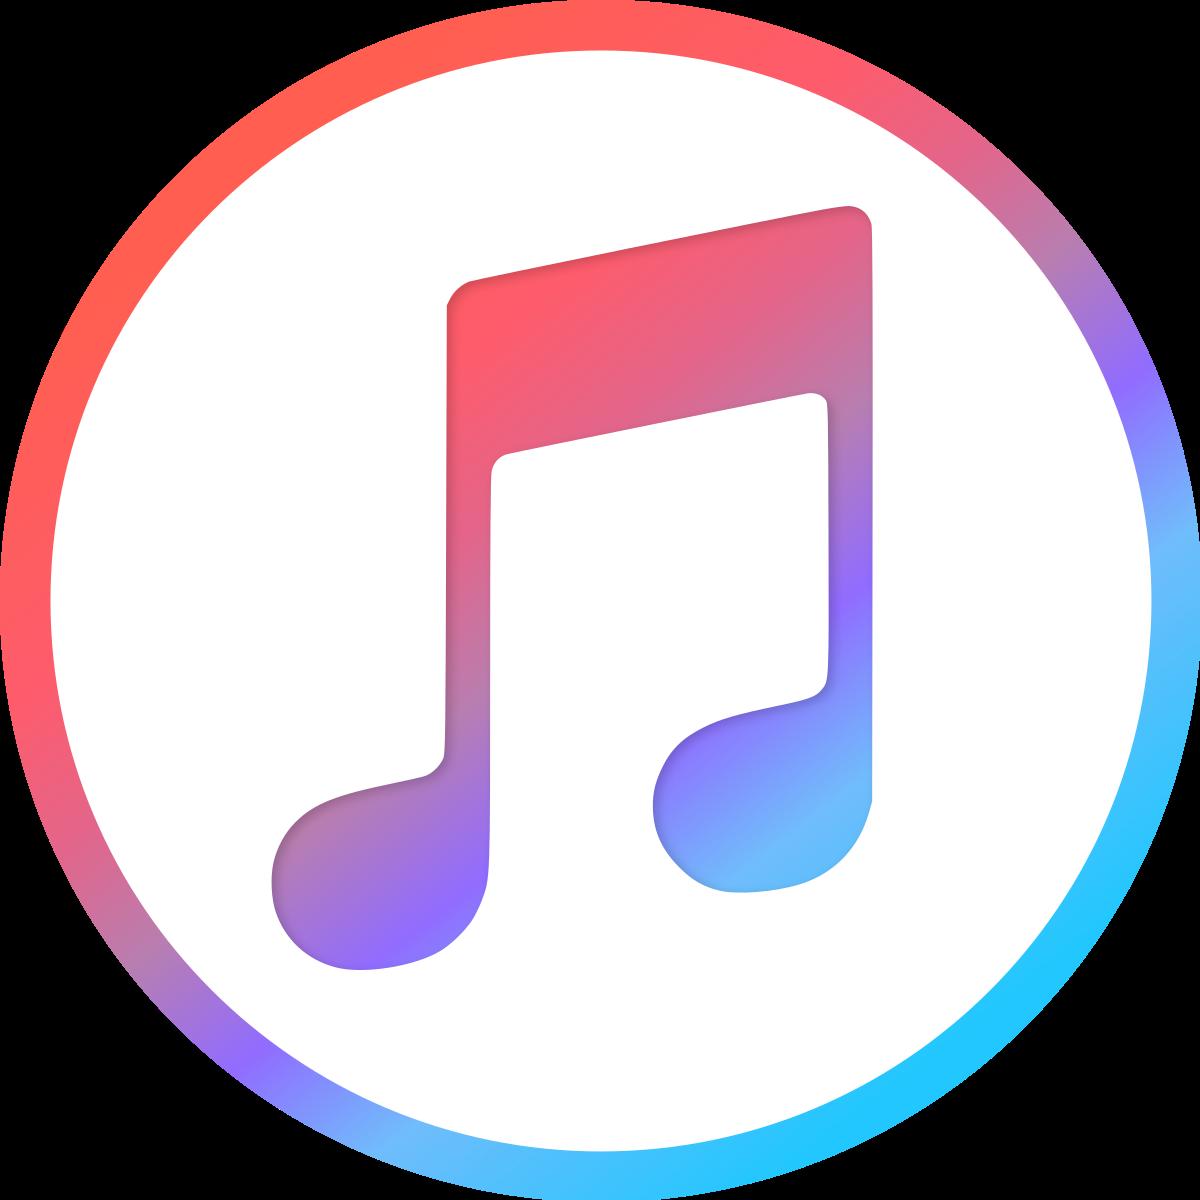 Apple pourrait diviser iTunes en trois parties différentes